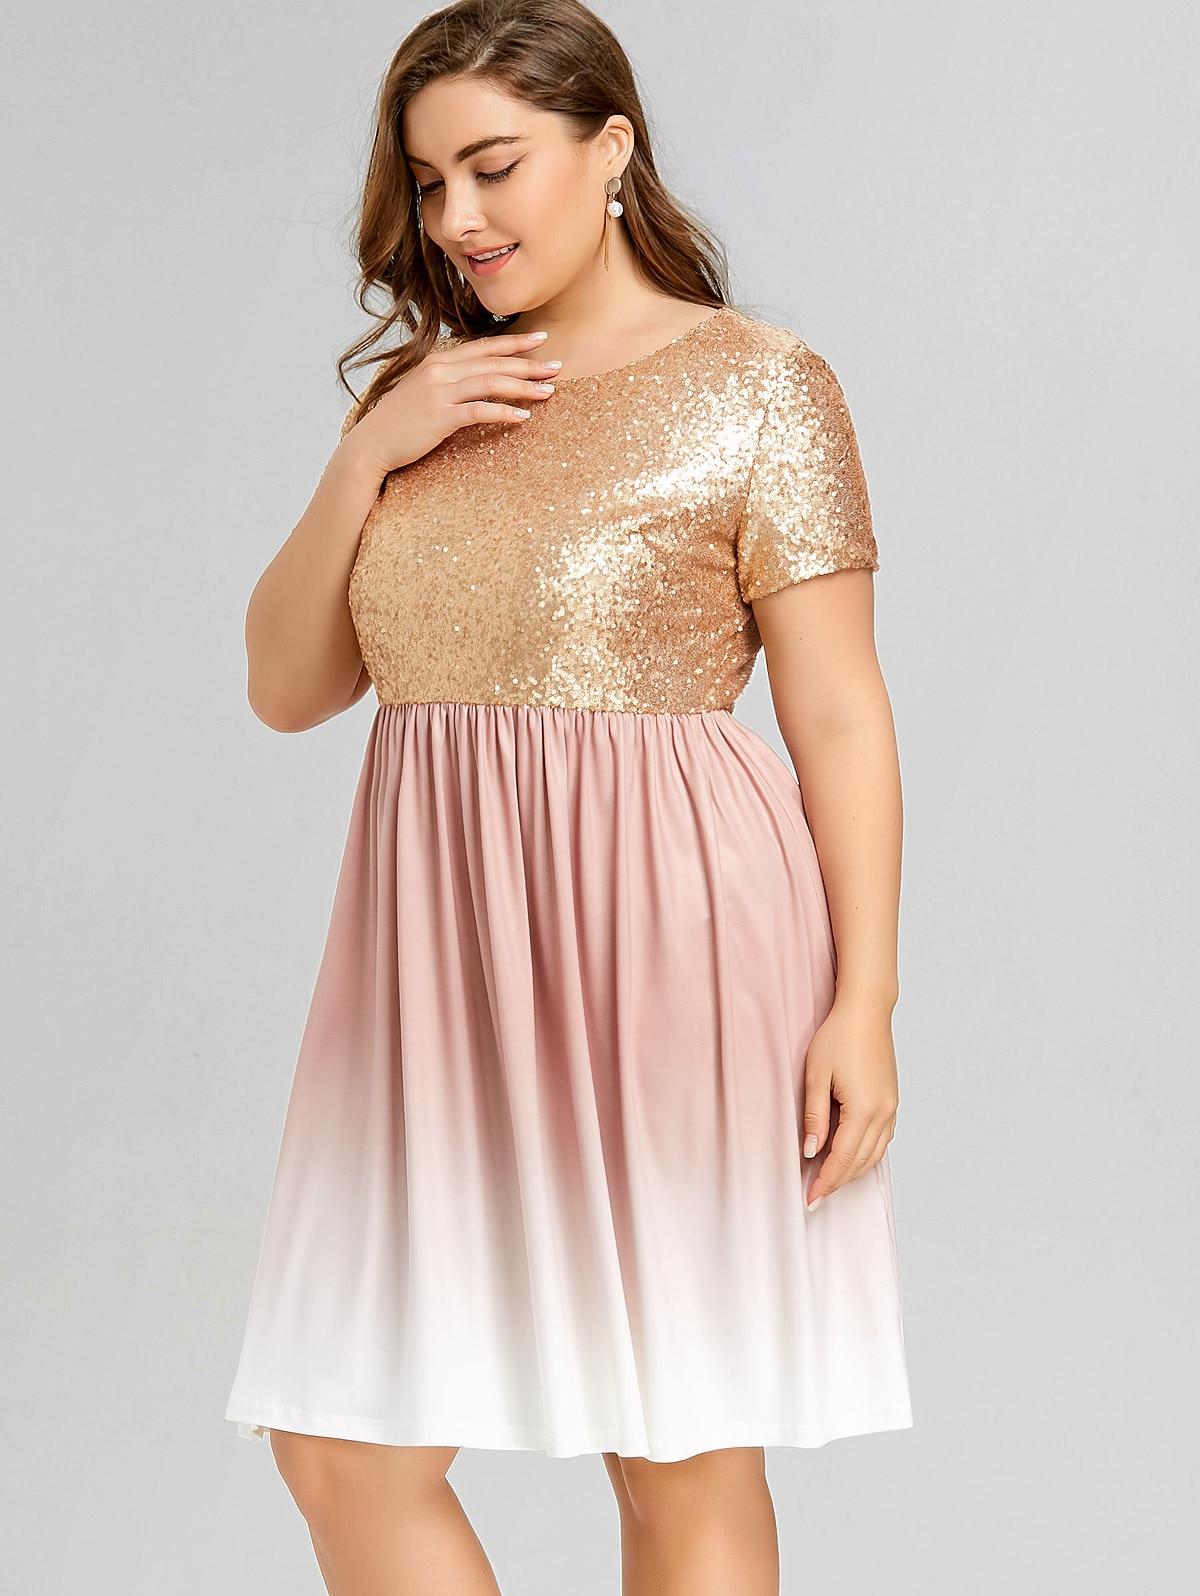 Fein Plus Größe Pailletten Partykleid Fotos - Hochzeit Kleid Stile ...